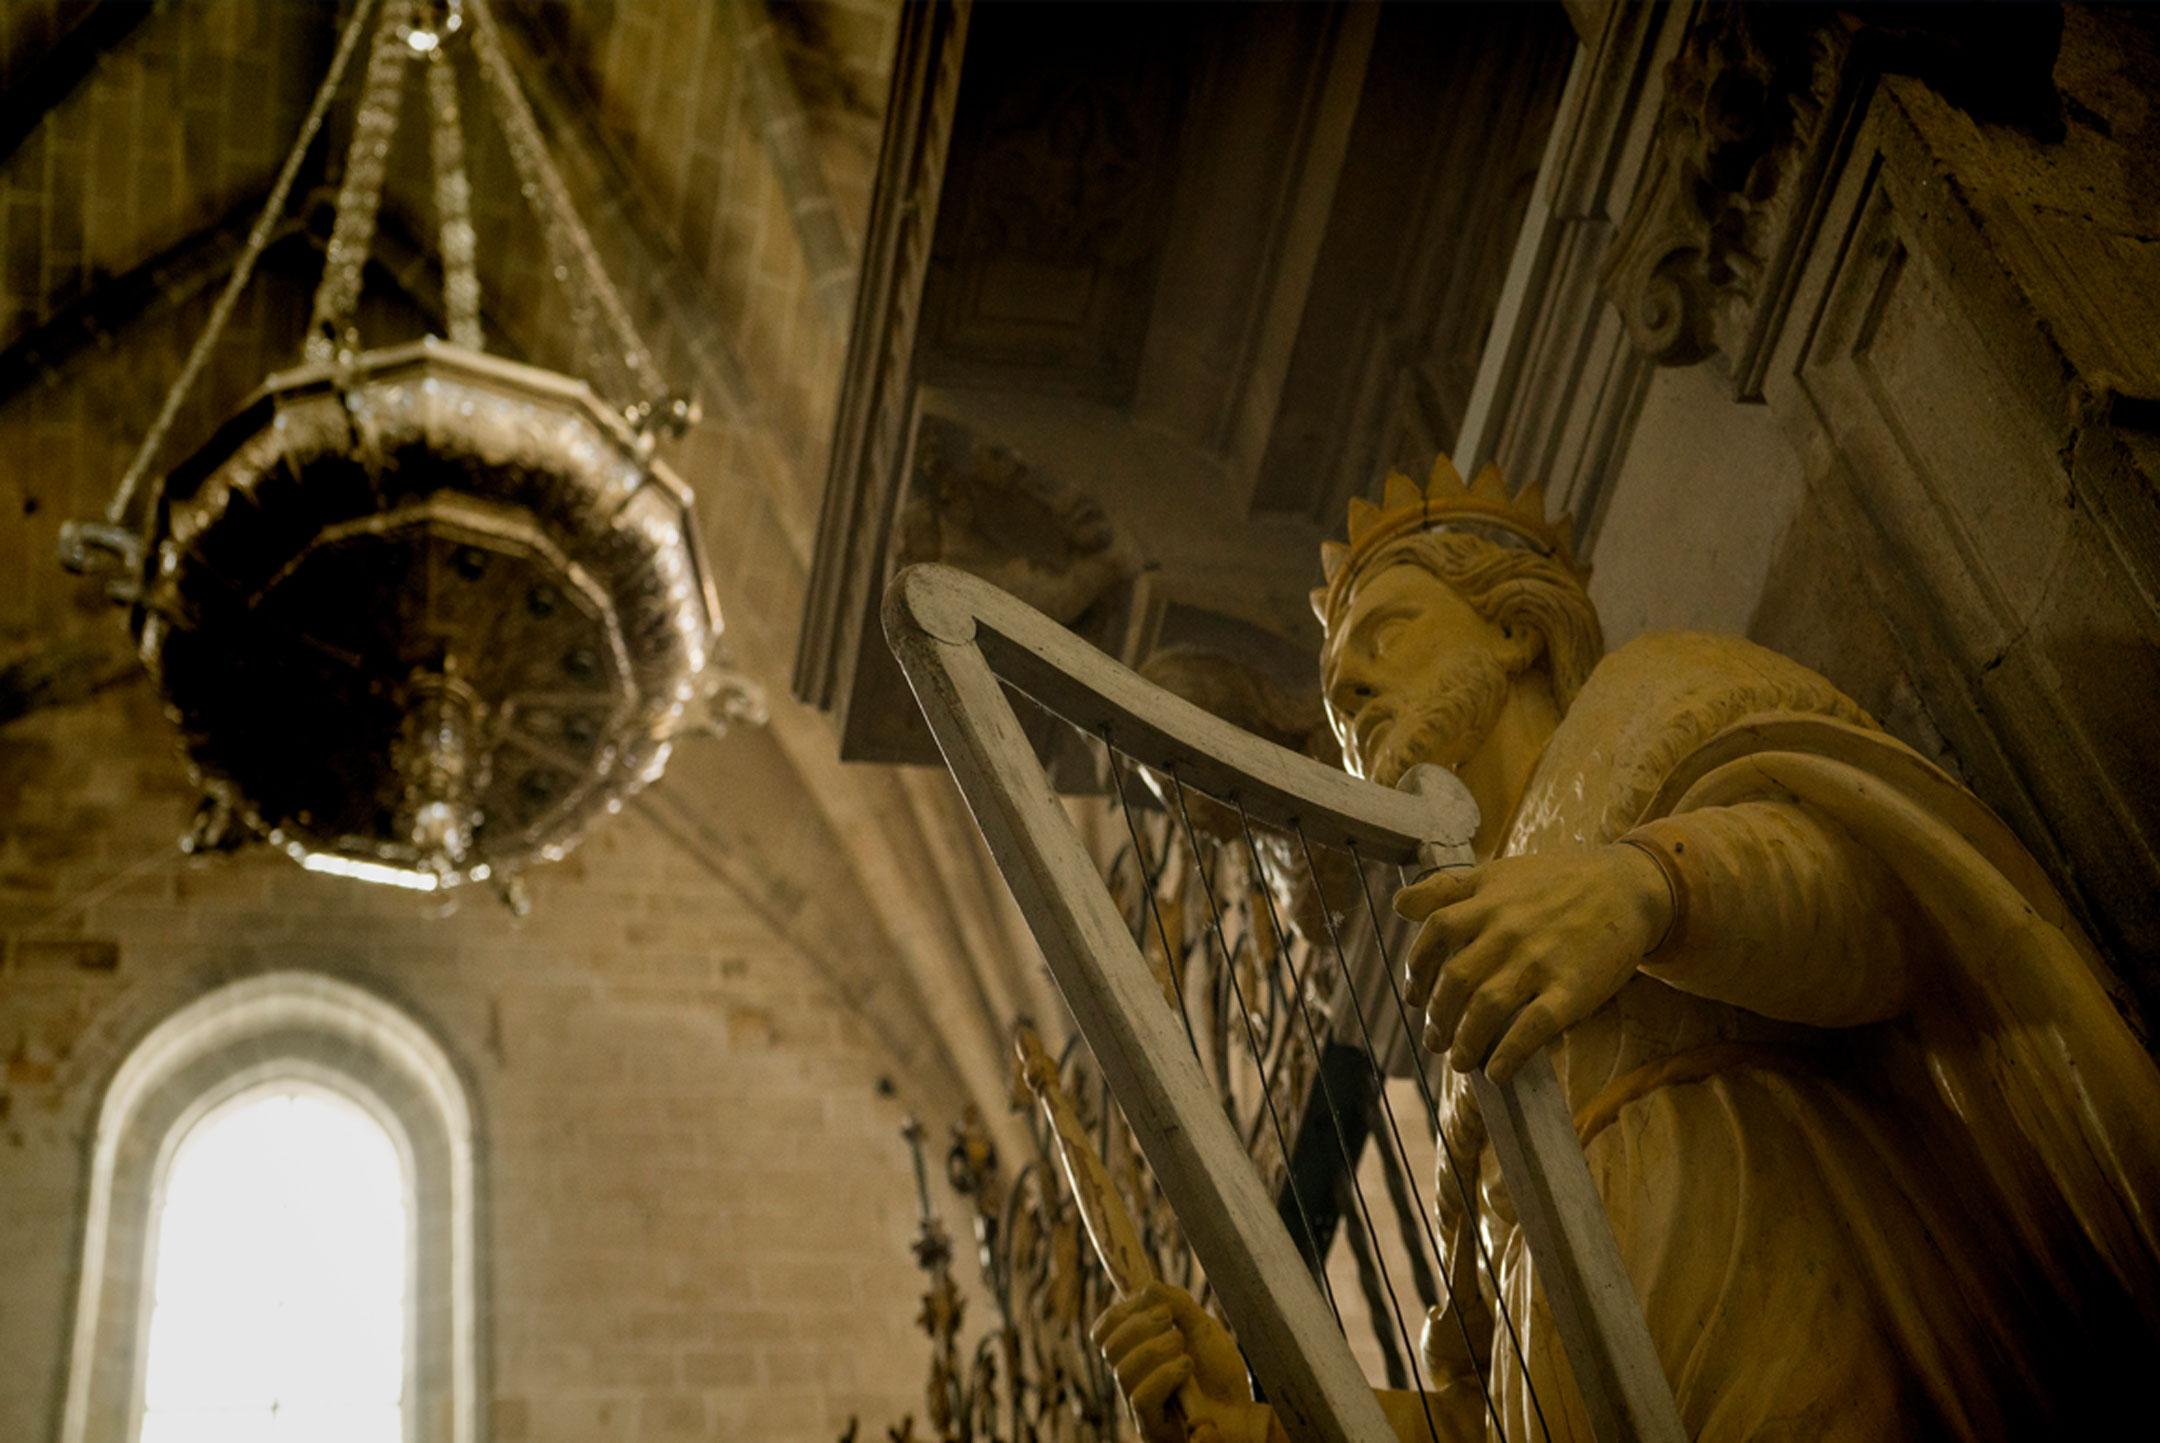 Escultura rei david